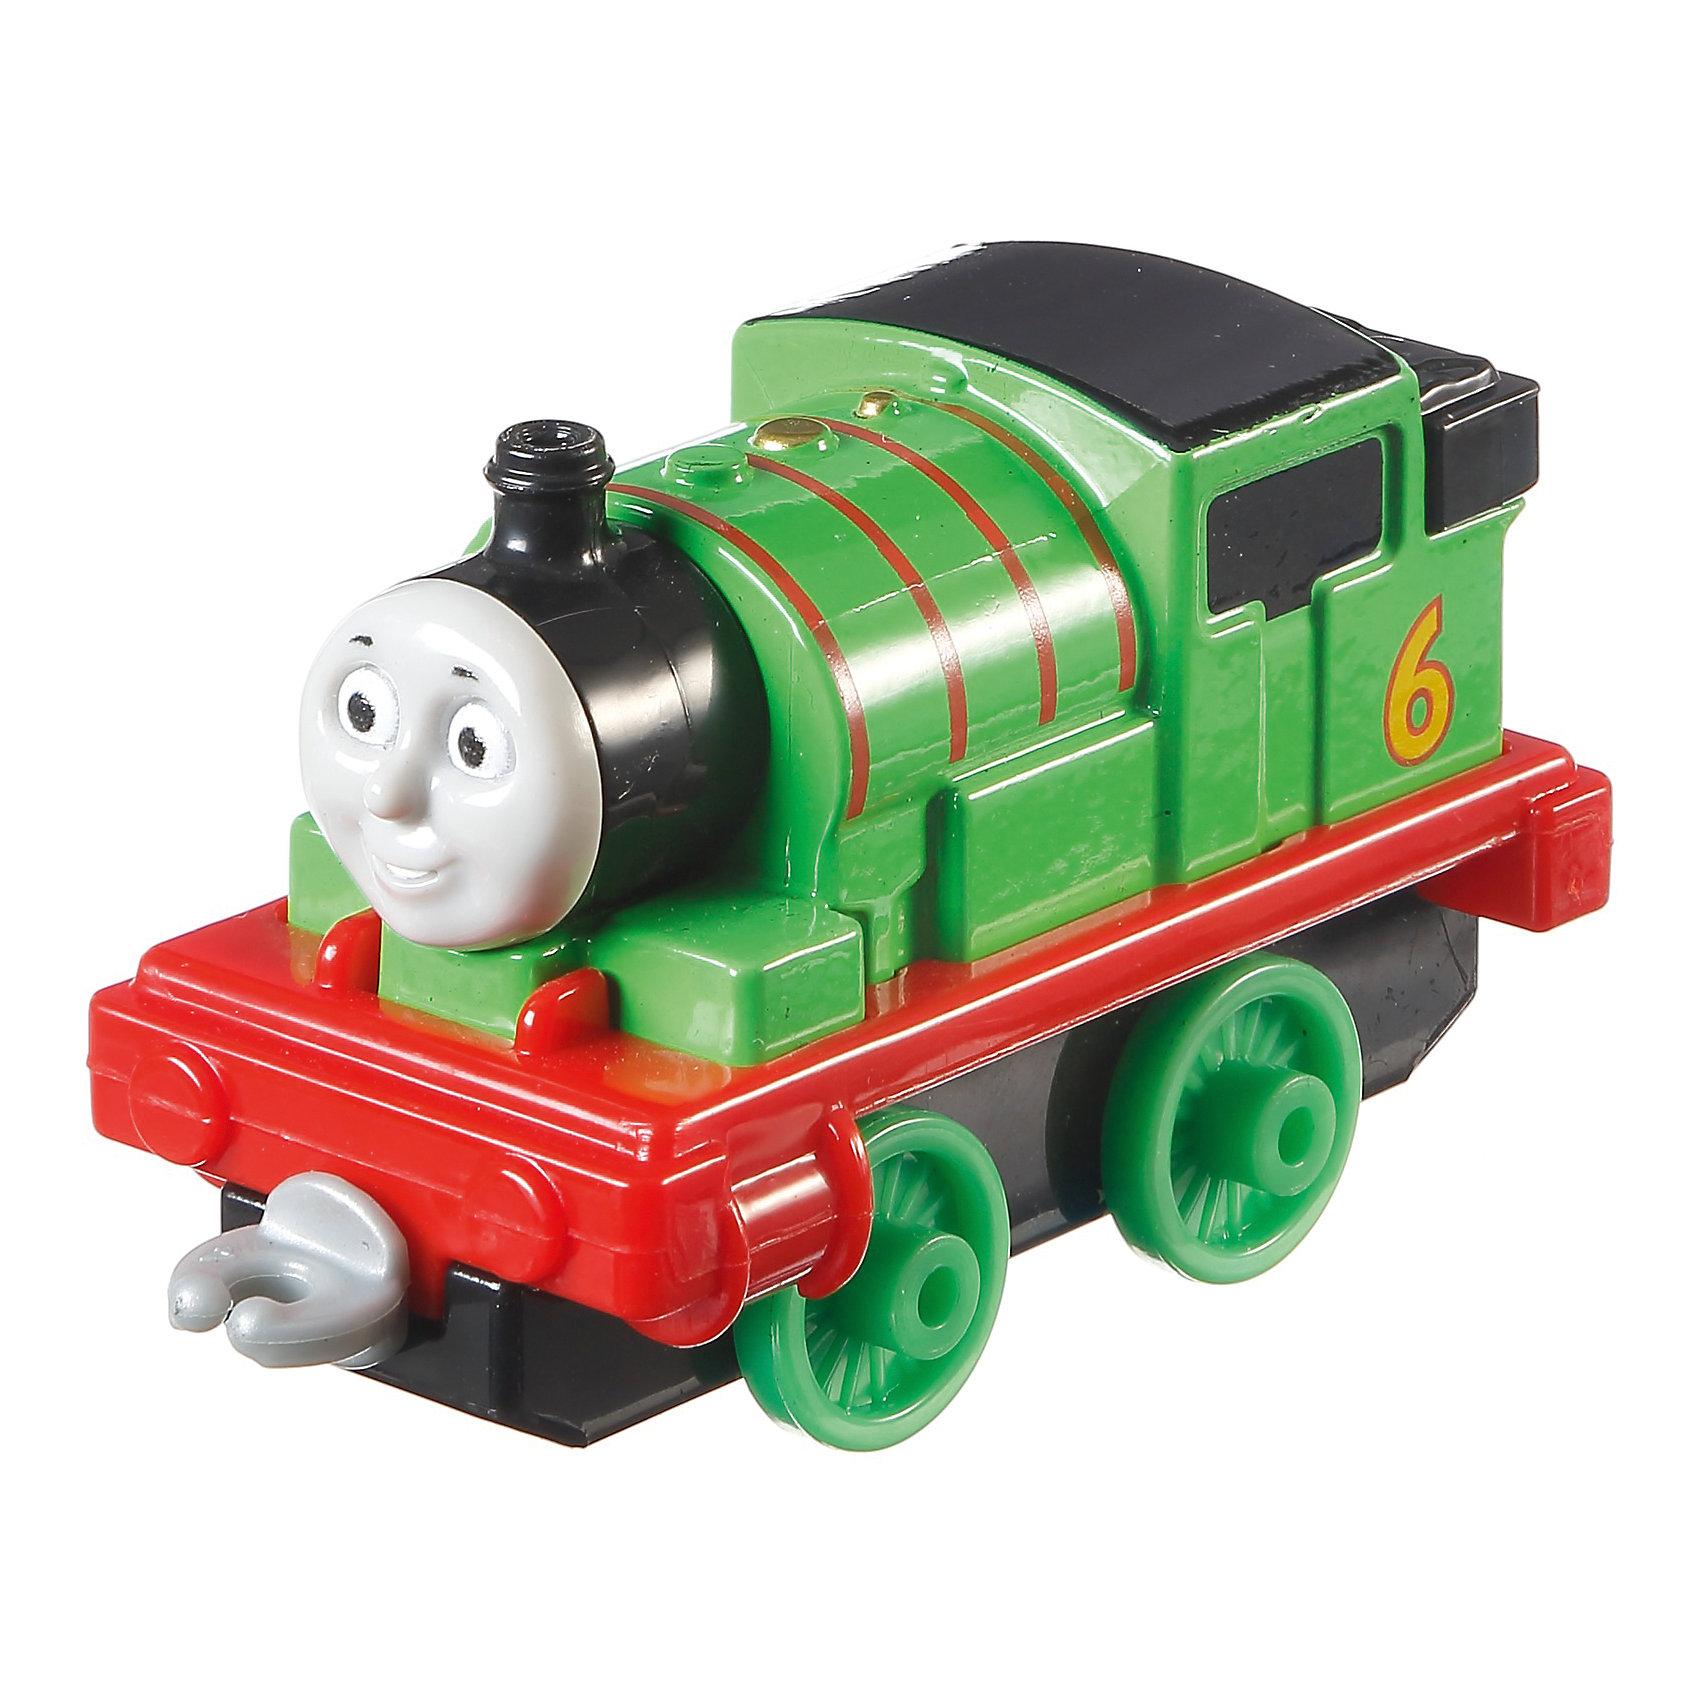 Mattel Паровозик Перси Fisher Price, Томас и его друзья mattel игрушки веселые друзья со звуком fisher price в ассортименте